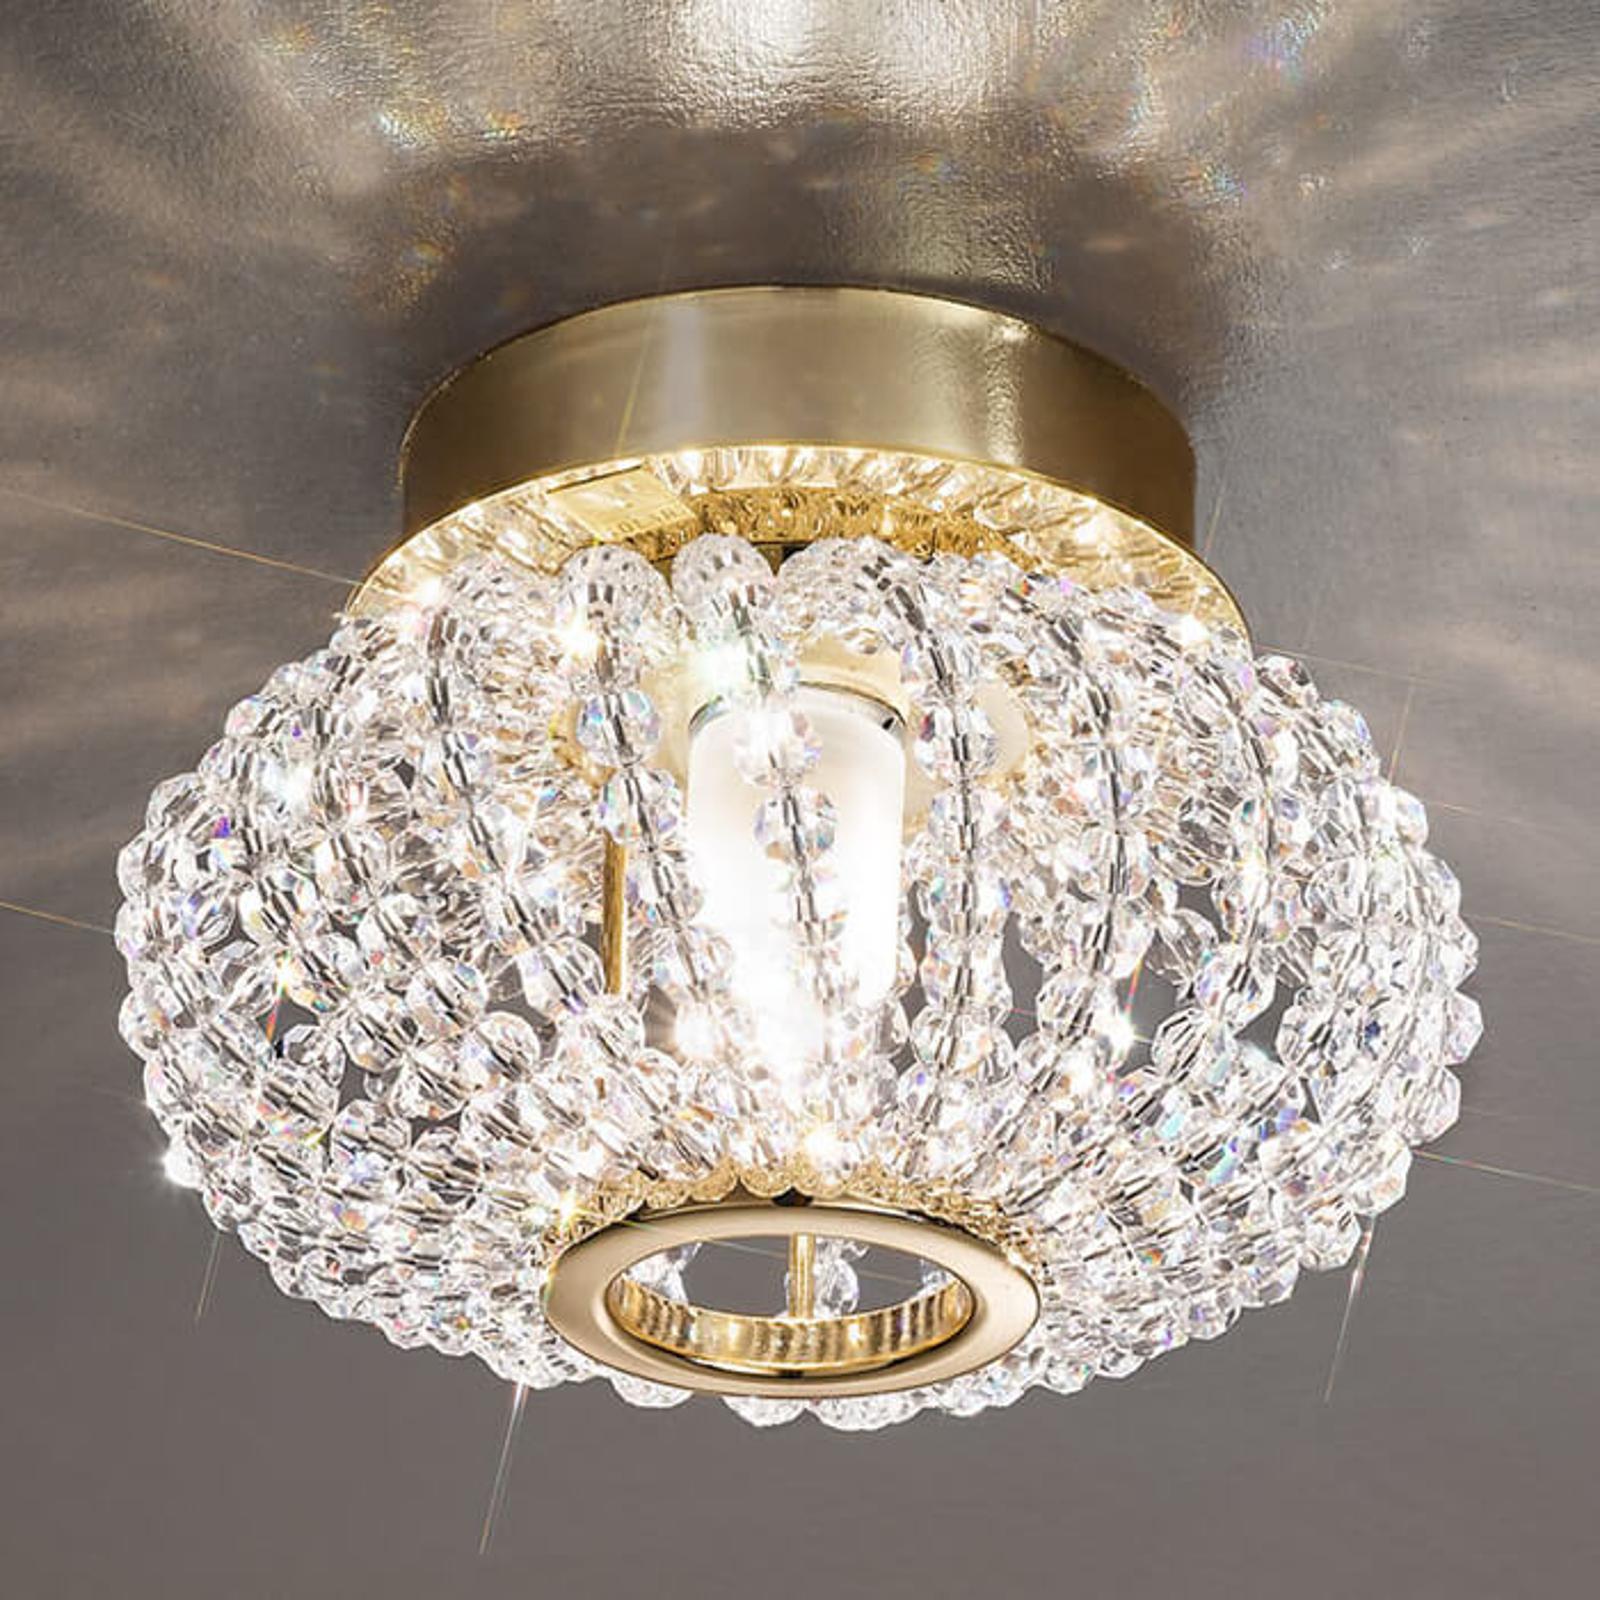 CARLA krystall-taklampe med gull